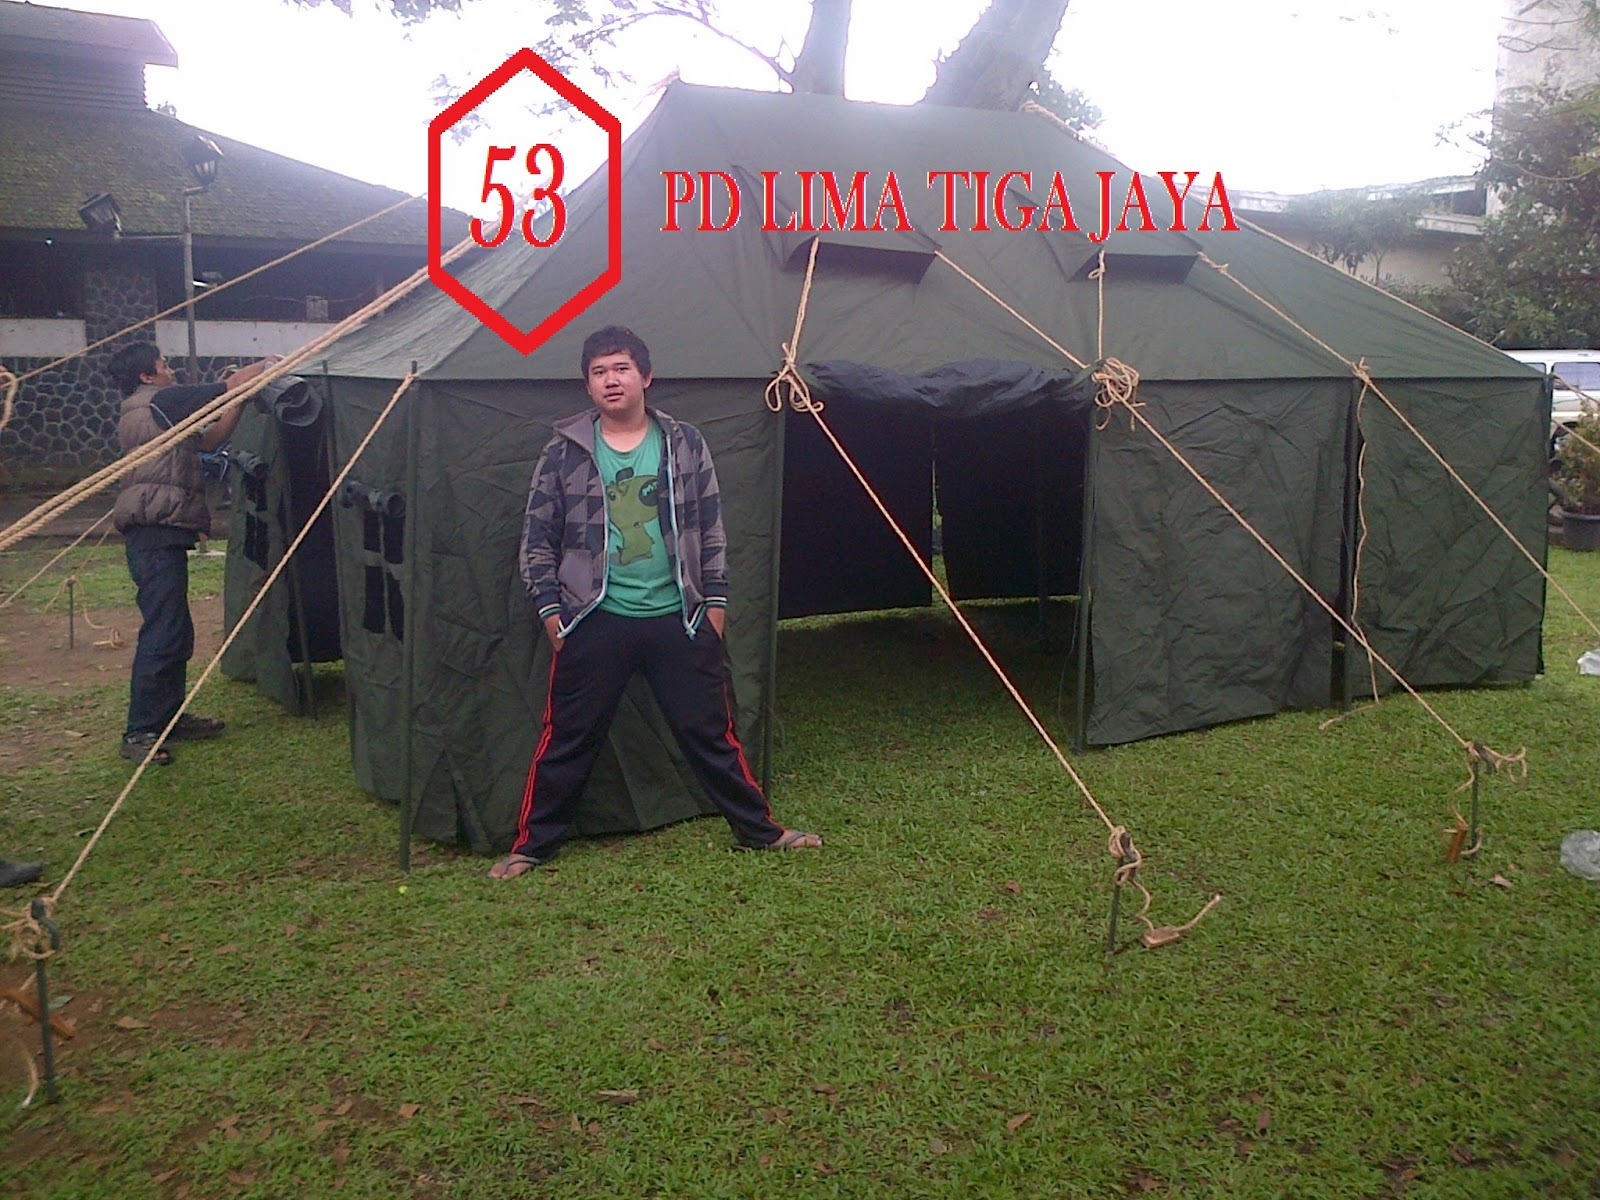 jual tenda komando murah bandung